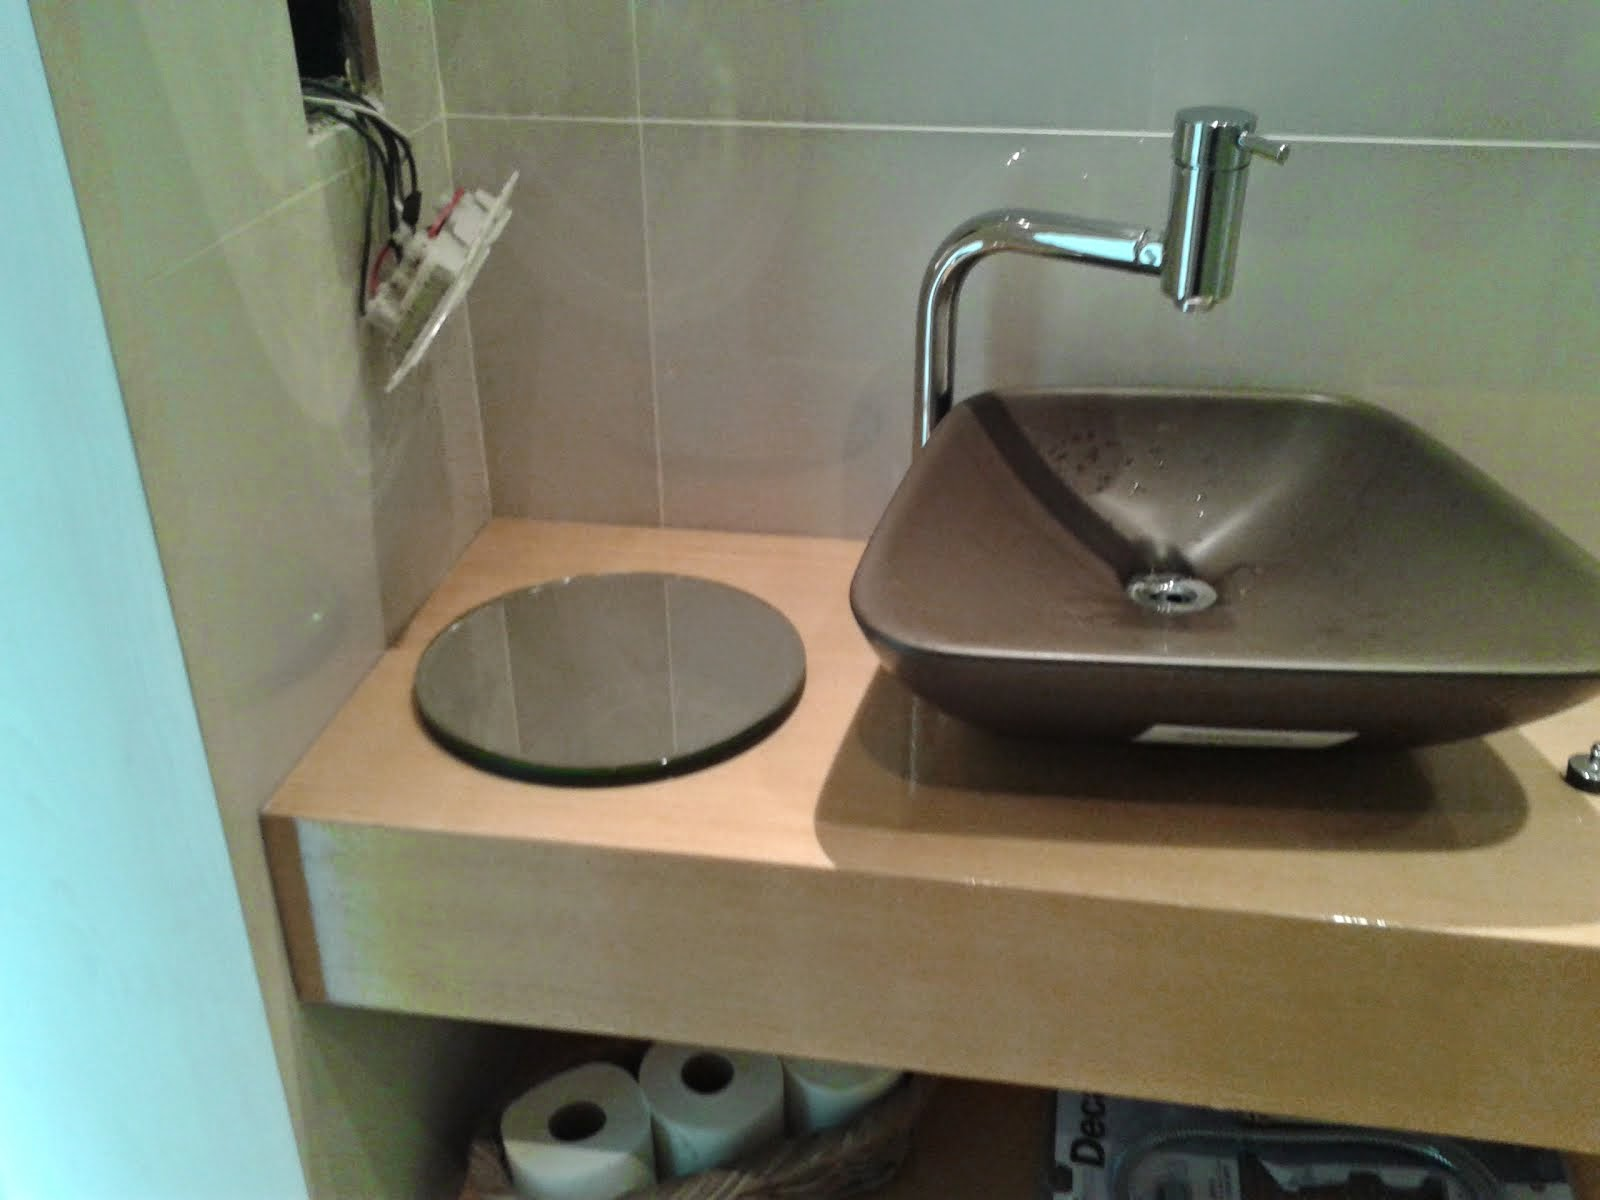 #2E9D91  porta 01 cozinha planejada 03 cozinha planejada 01 banheiro 01 1600x1200 px Armario De Cozinha Compacta Ricardo Eletro_1511 Imagens